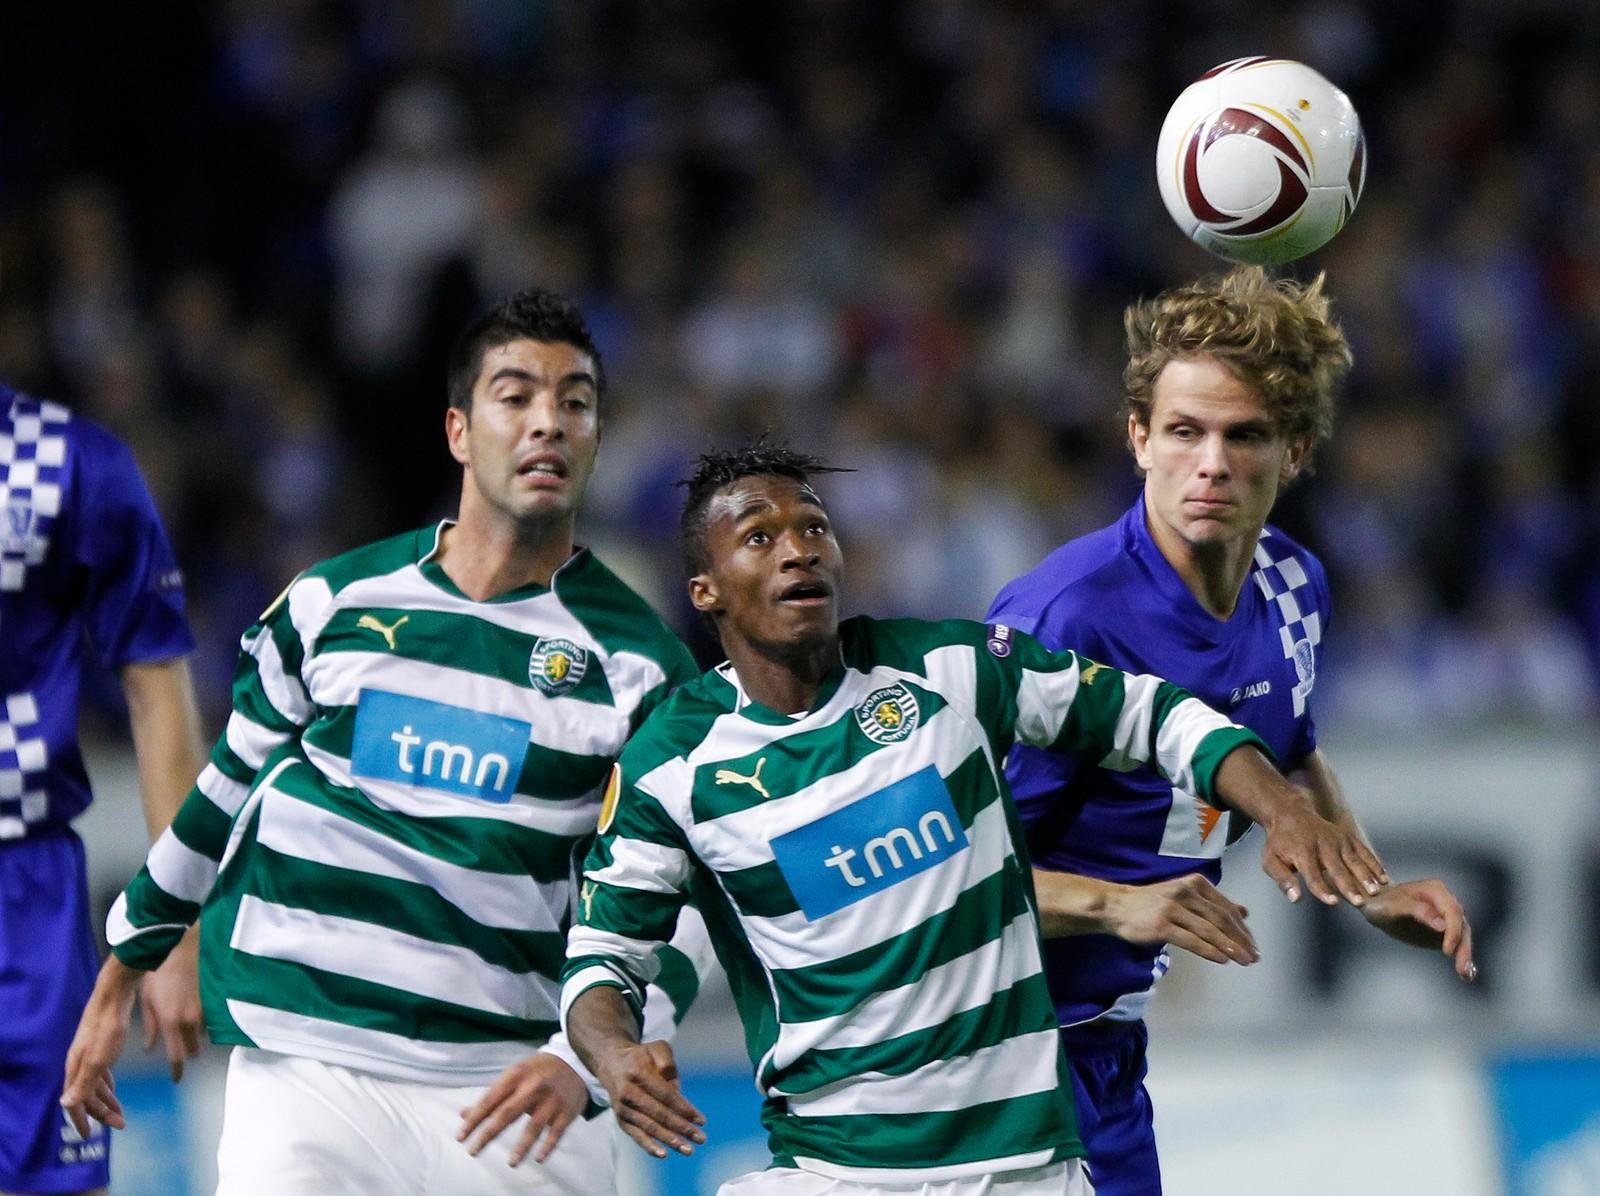 DRO TIL BELGIA: I 2009 dro Hanstveit til belgiske Gent. Her i aksjon mot Sportings Yannick Djalo i Europa League 2010.